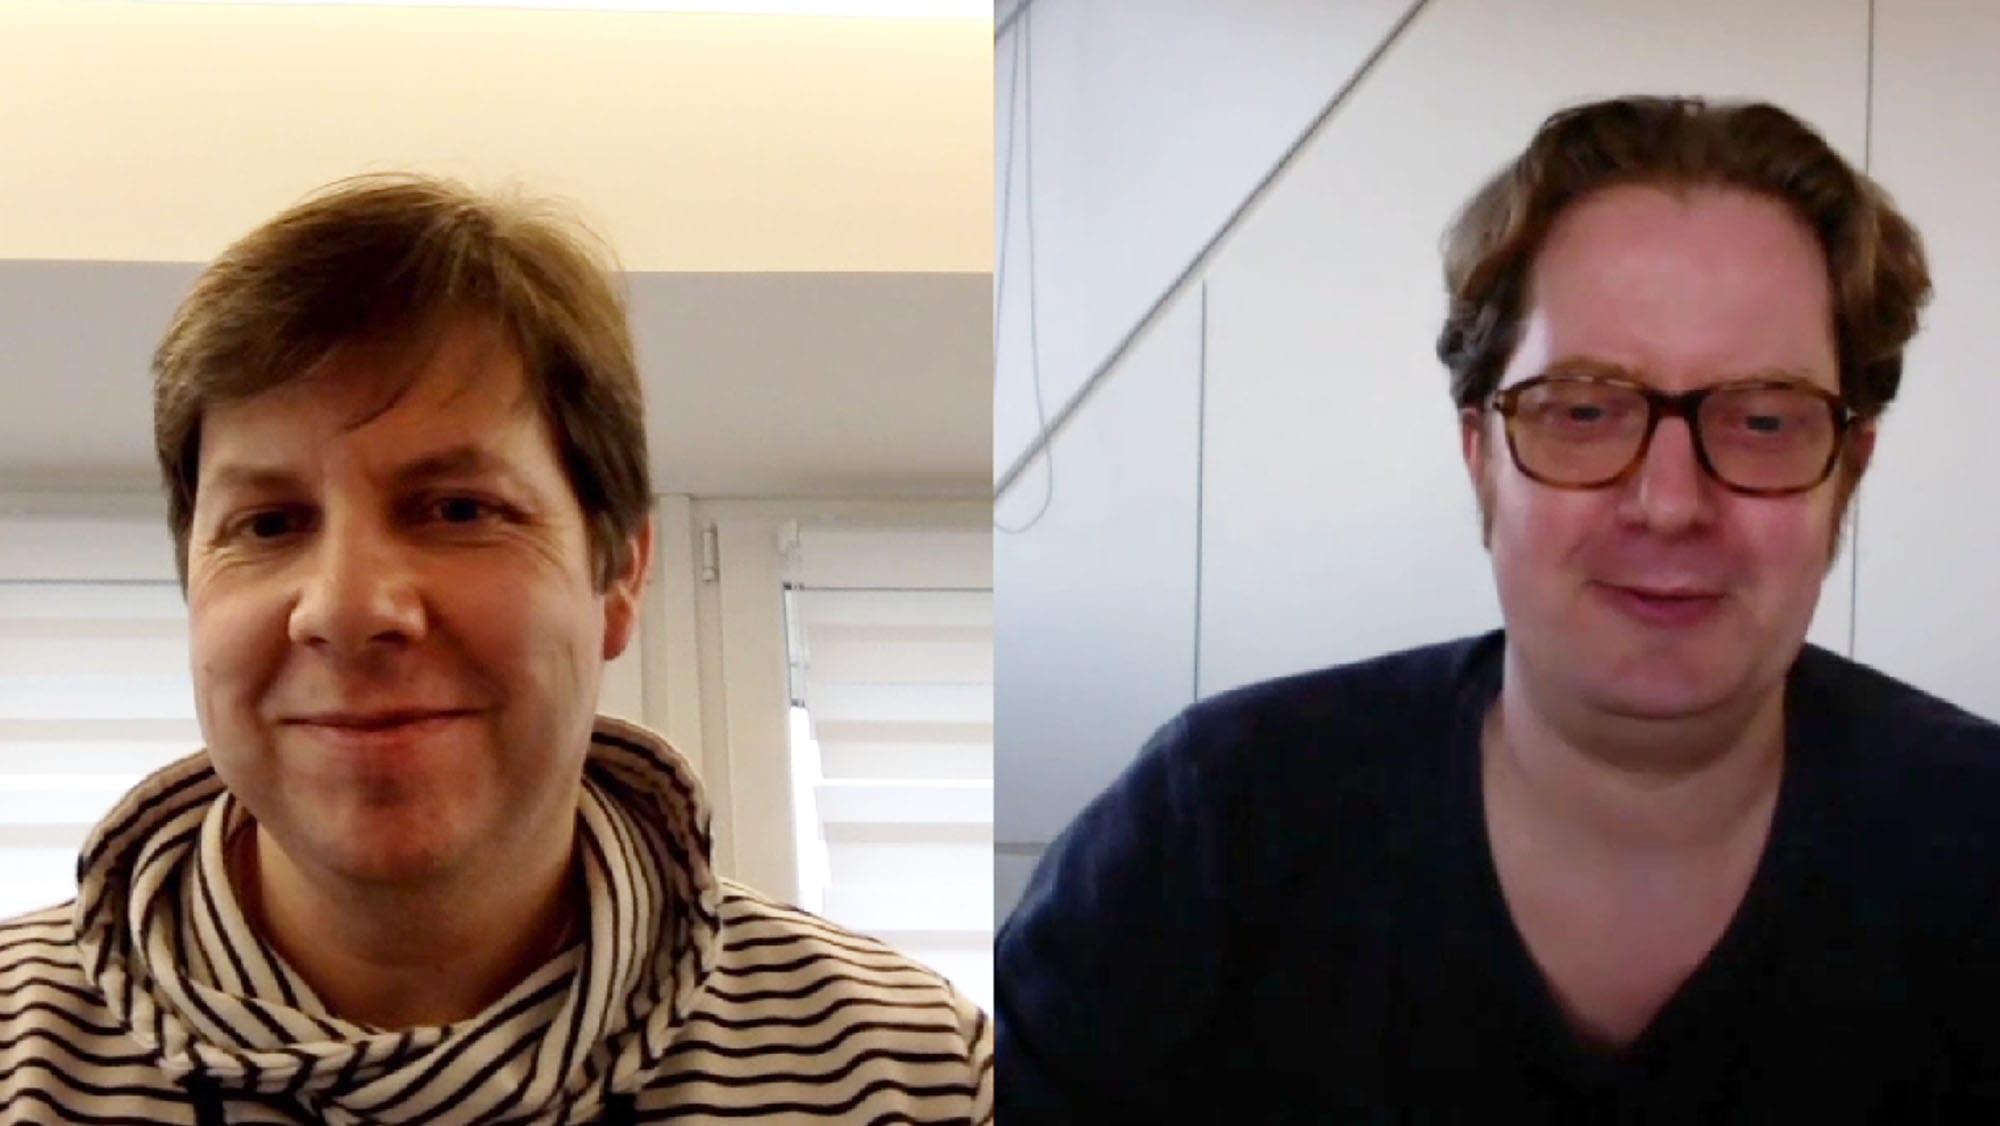 meisheit-braun-lindenstrasse-sawetv Video-Interview: Lindenstraße-Chefautor Michael Meisheit verabschiedet sich